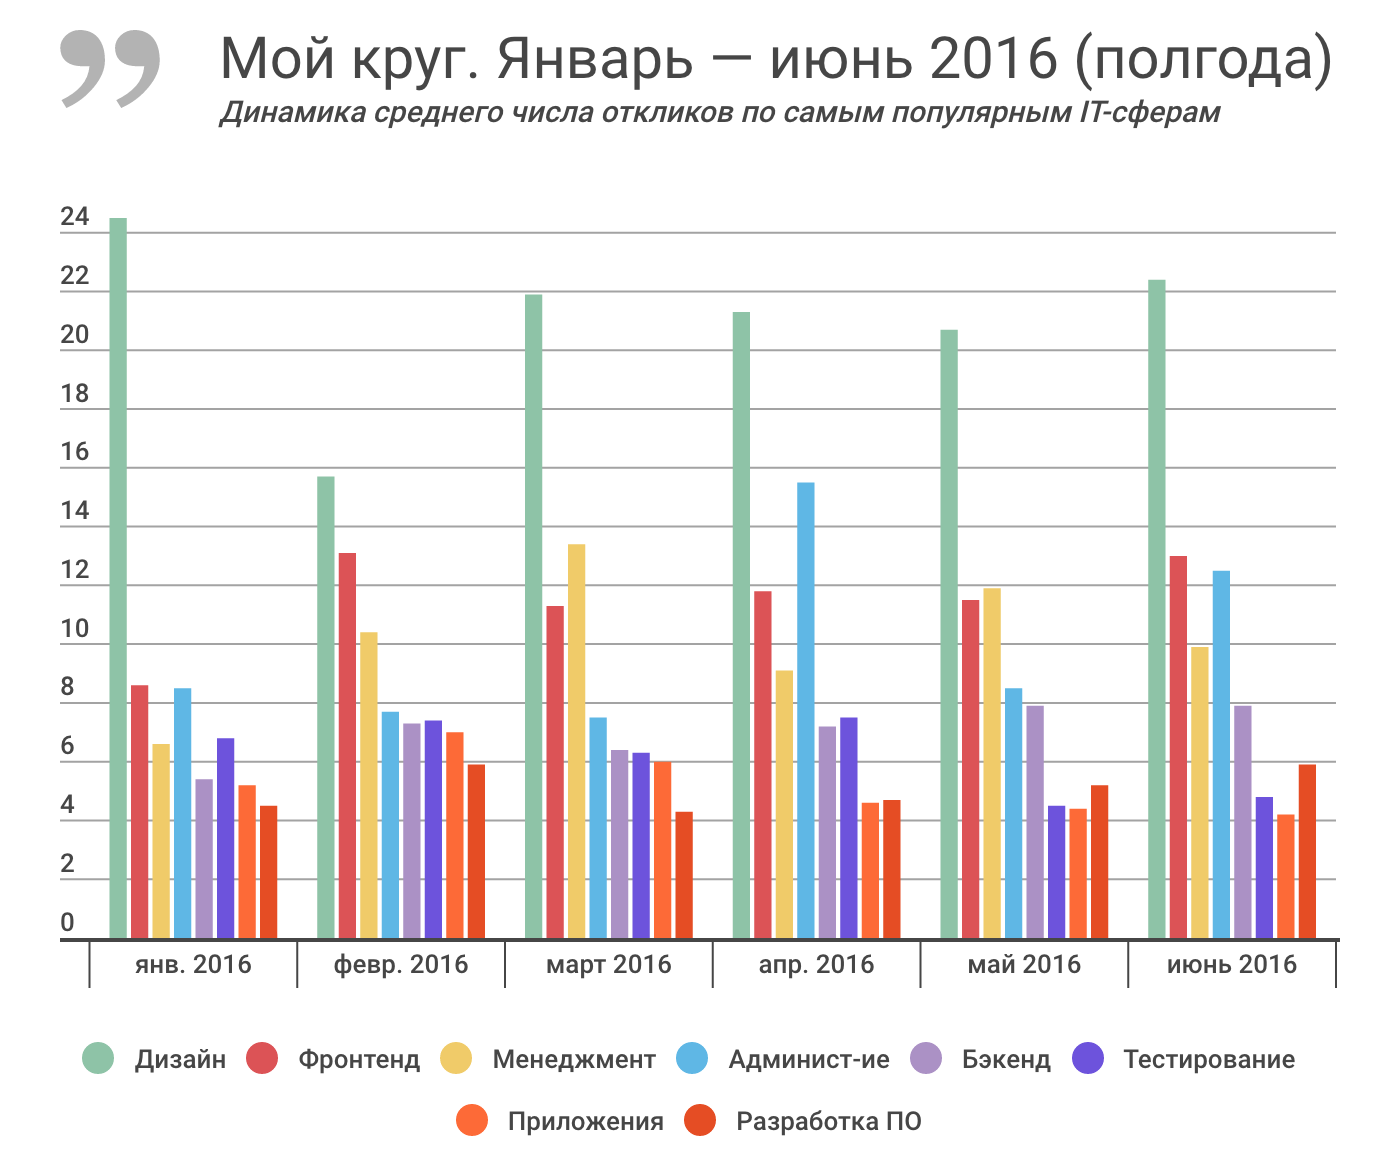 Отчет о результатах «Моего круга» за июнь 2016, и самые популярные вакансии месяца - 2